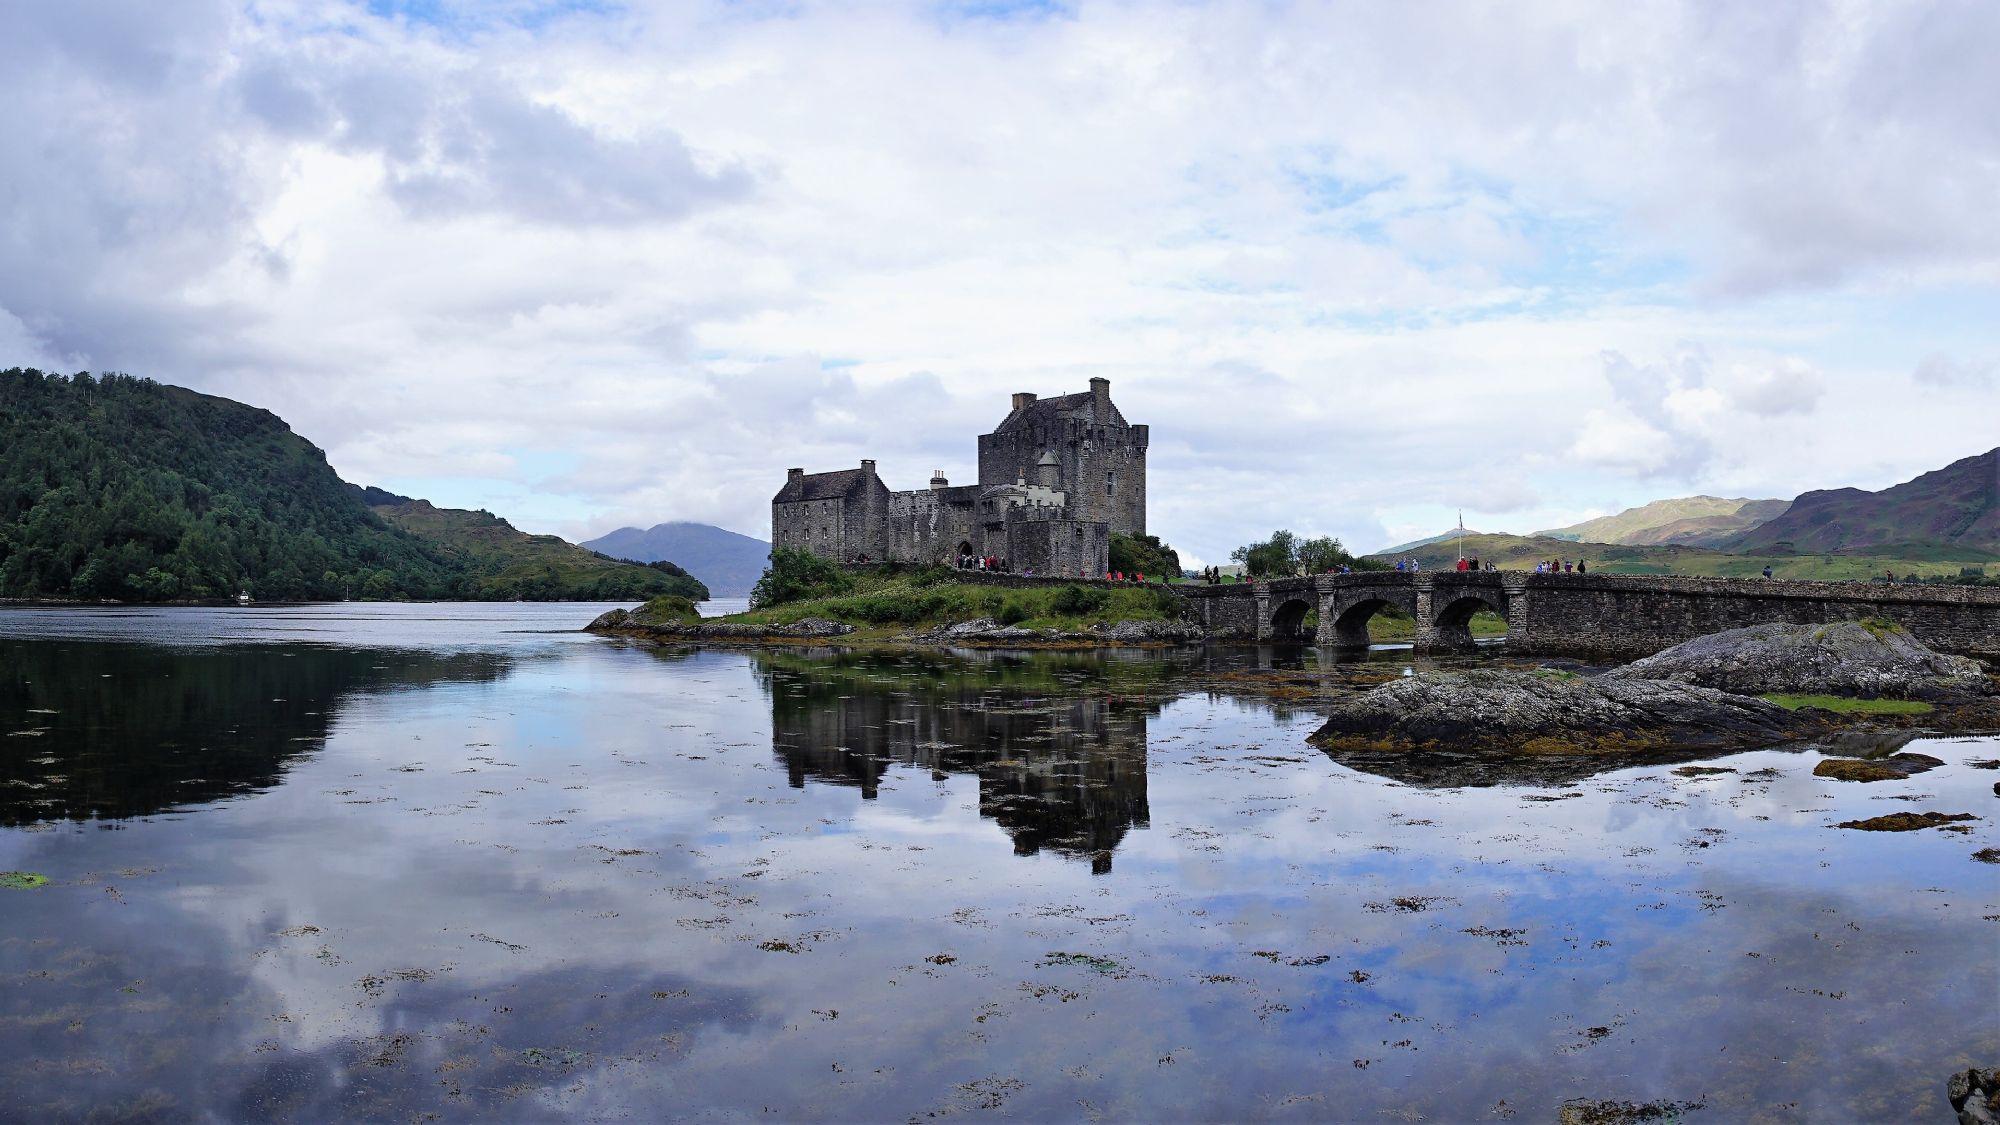 Mirror castle